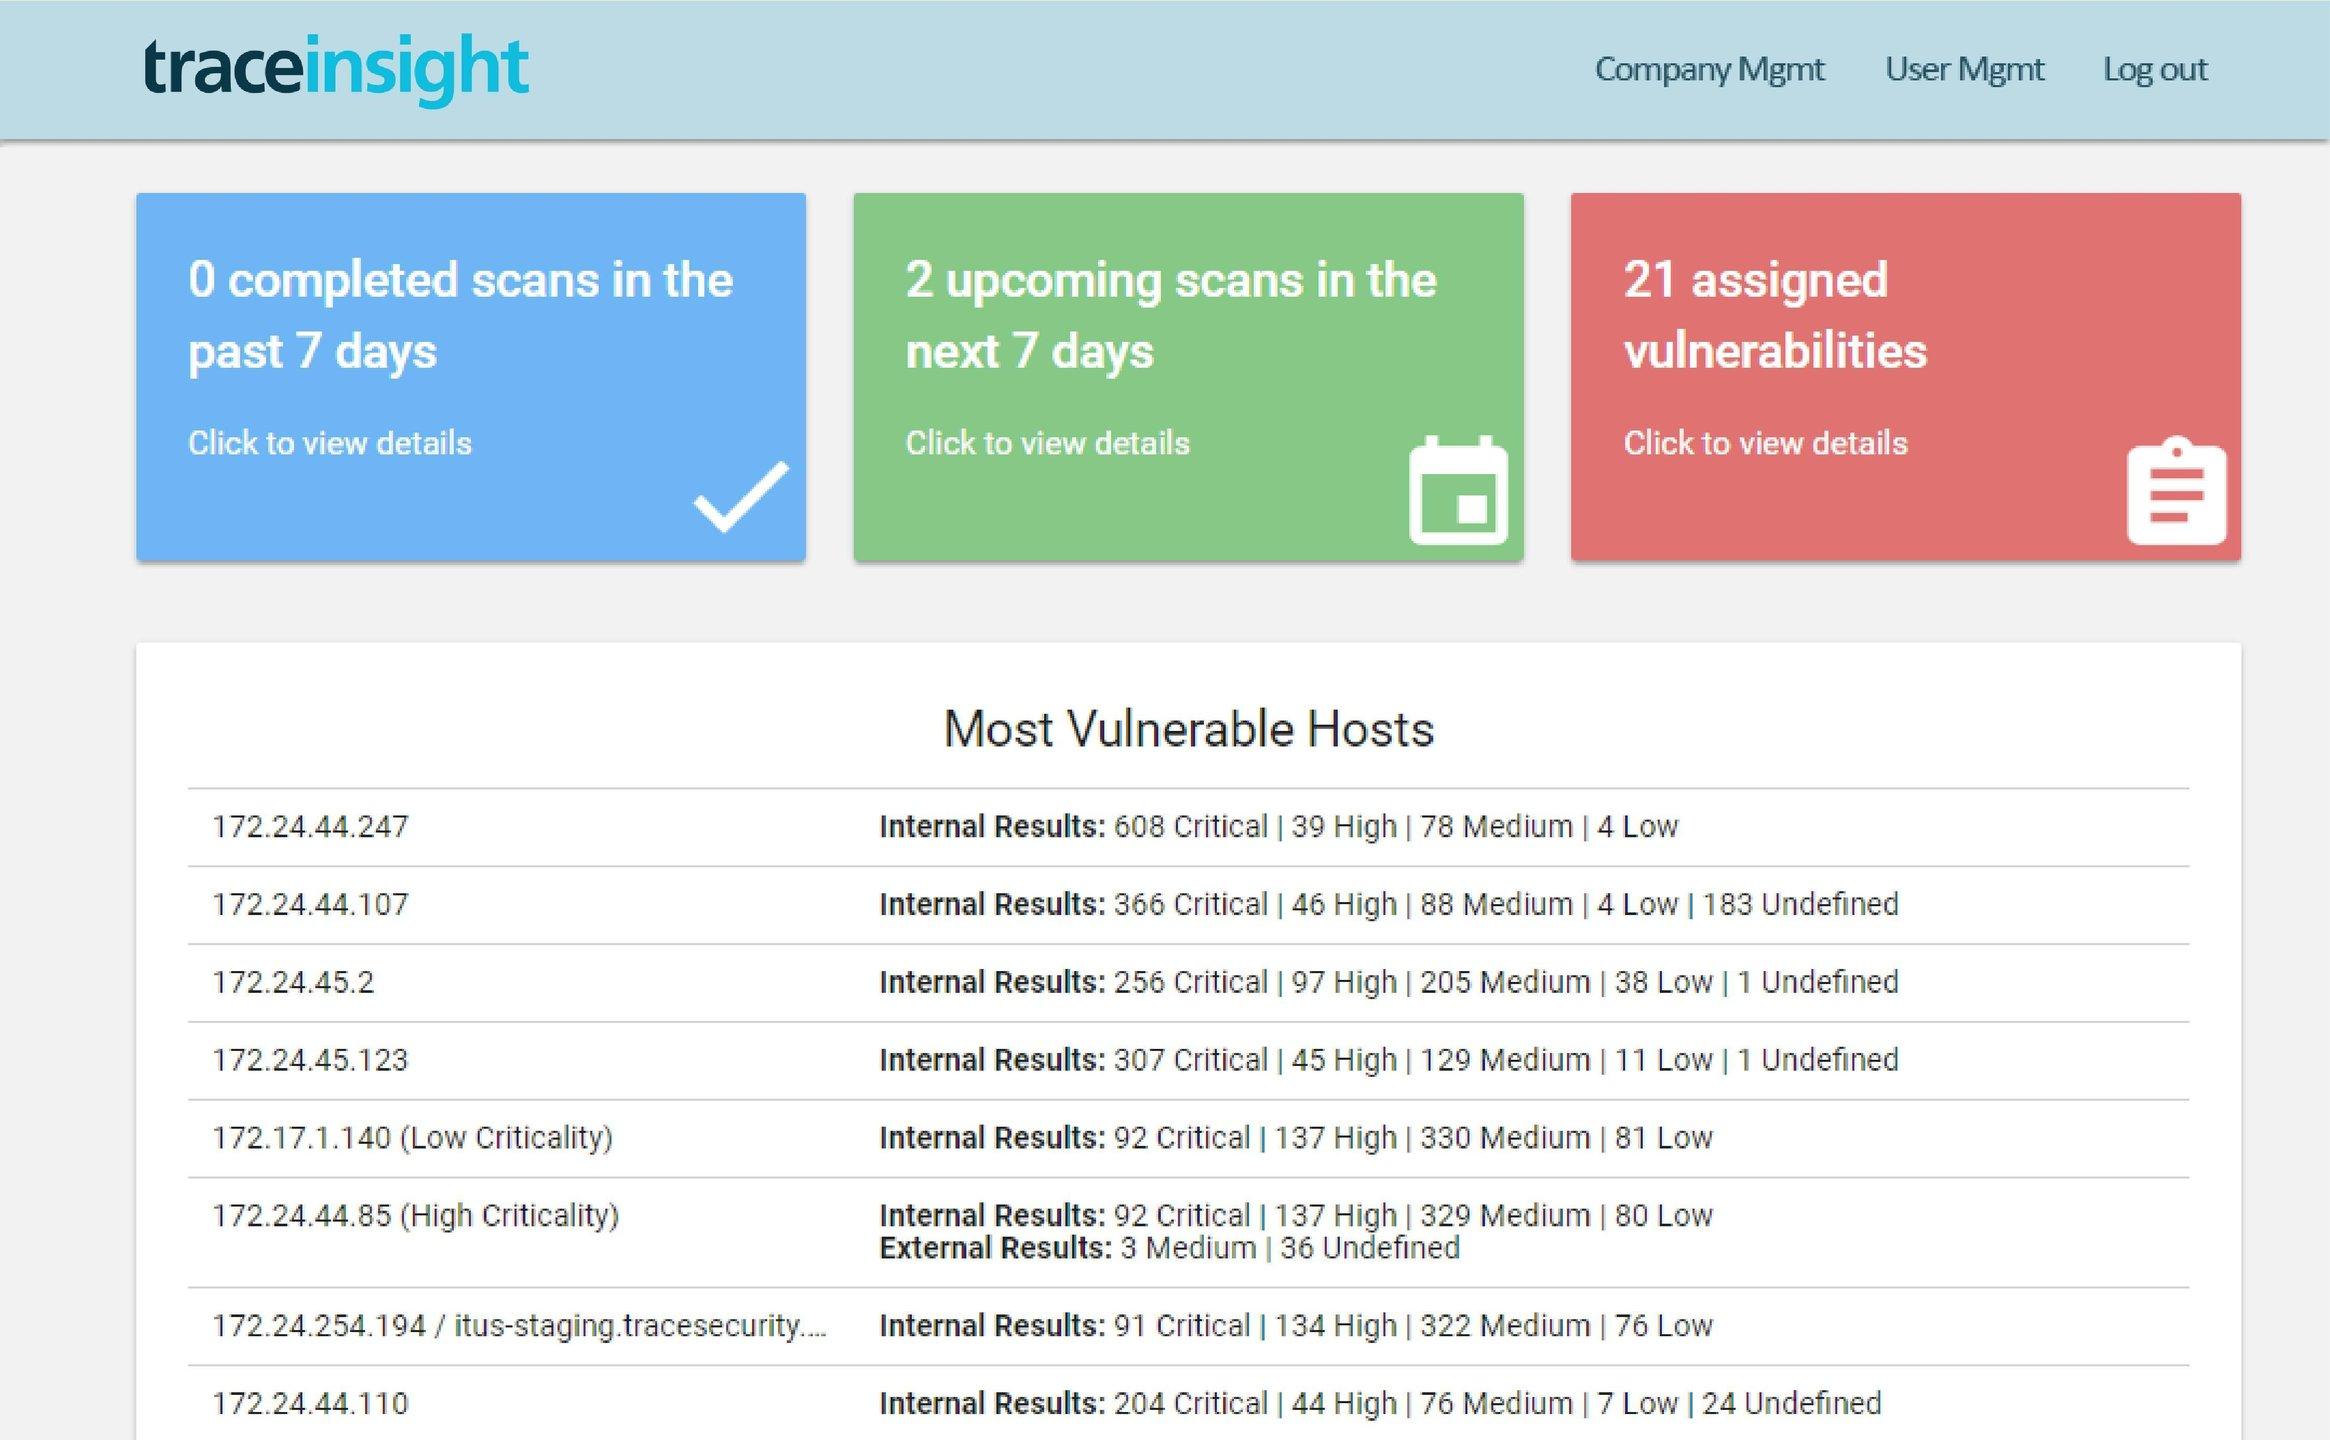 Nessus vs  TraceInsight vs  SafeGuard Cyber Comparison